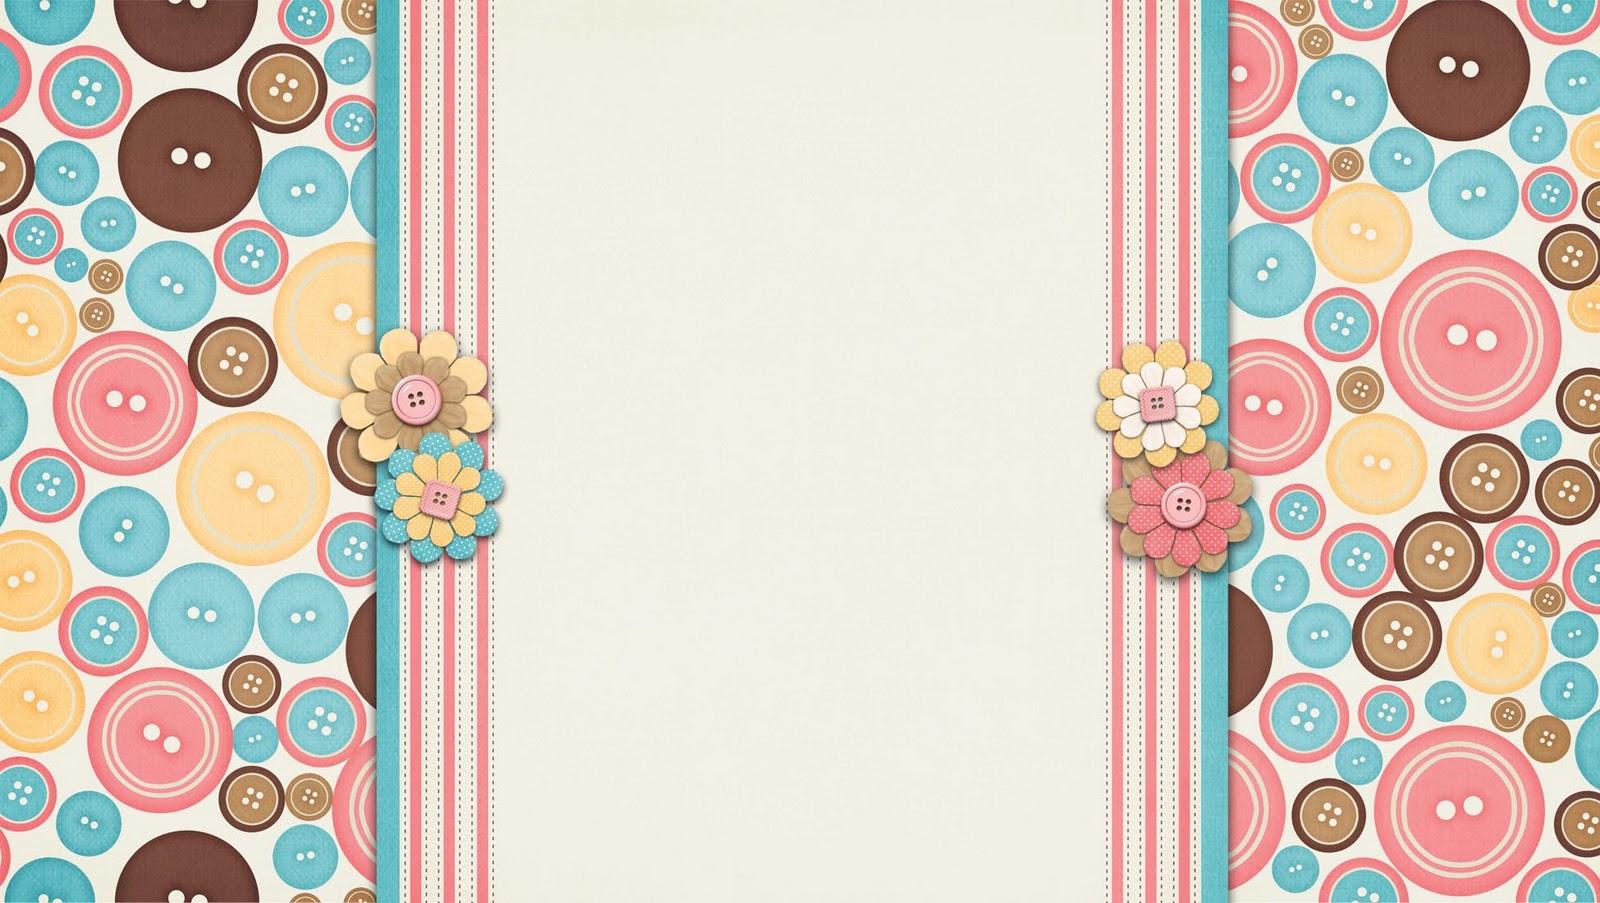 Cute Backgrounds 16991 1600x903 Px Hdwallsource Com